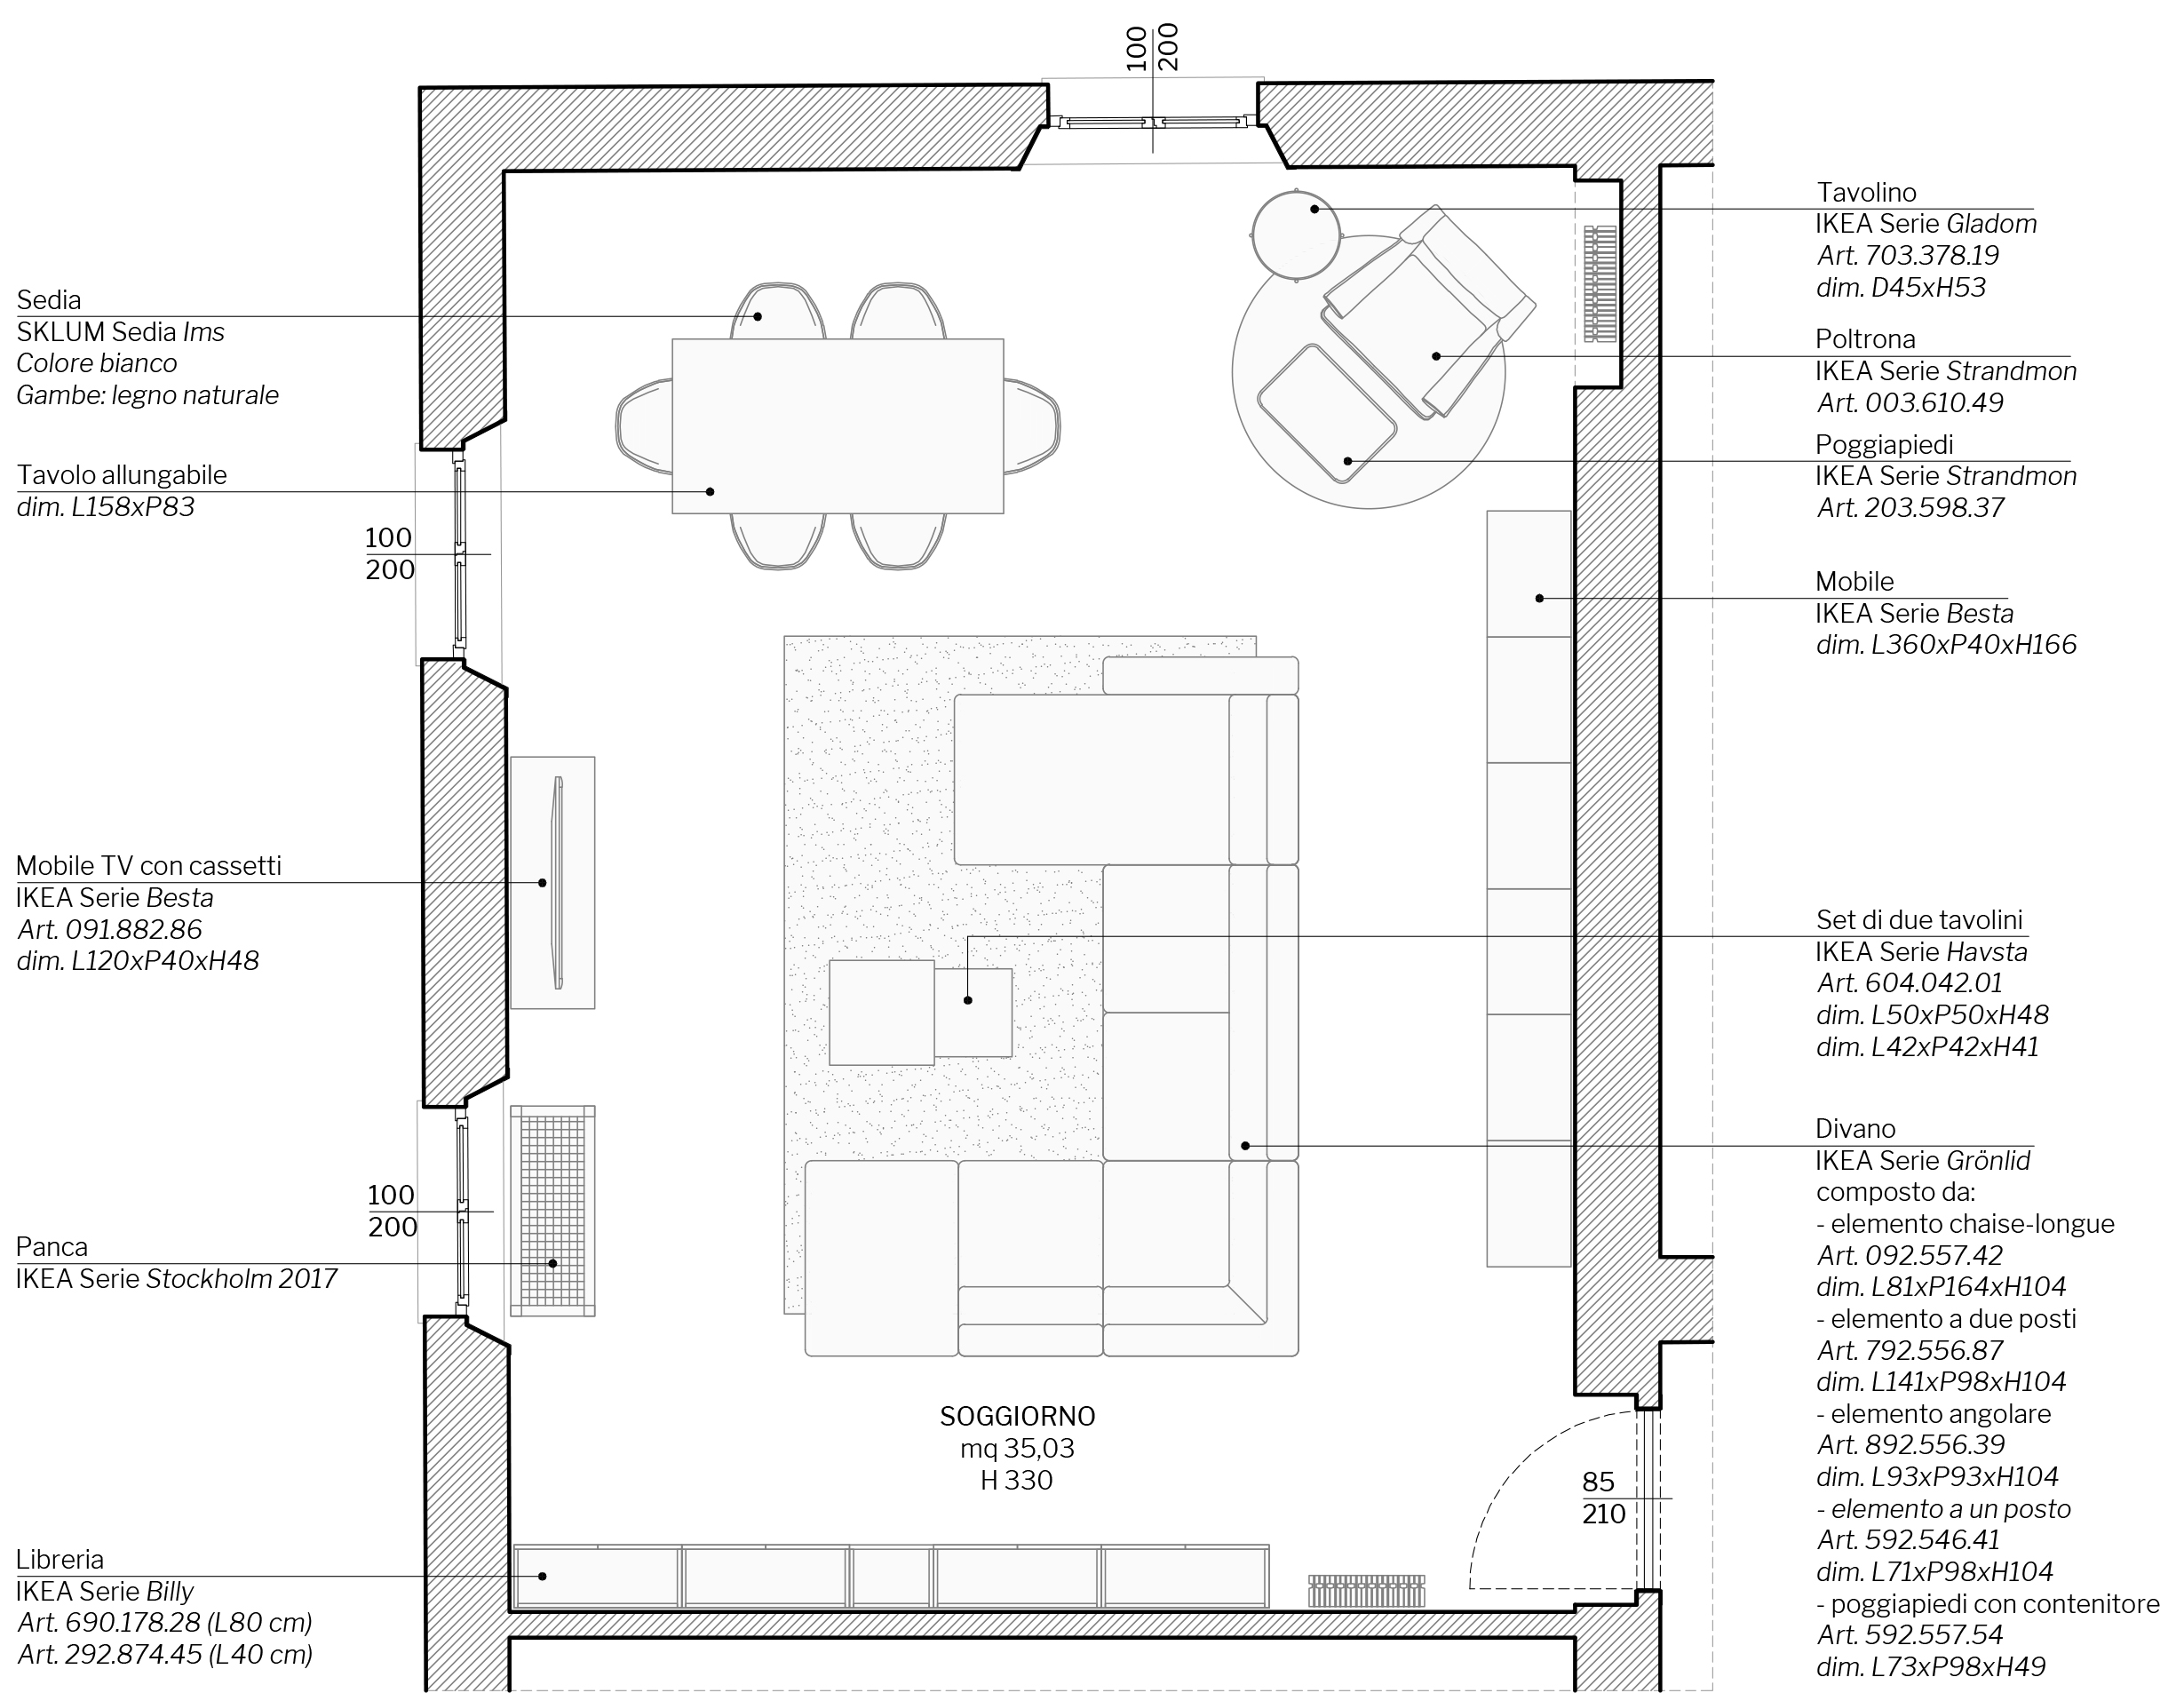 Appartamento in Cernusco sul Naviglio - soggiorno - planimetria